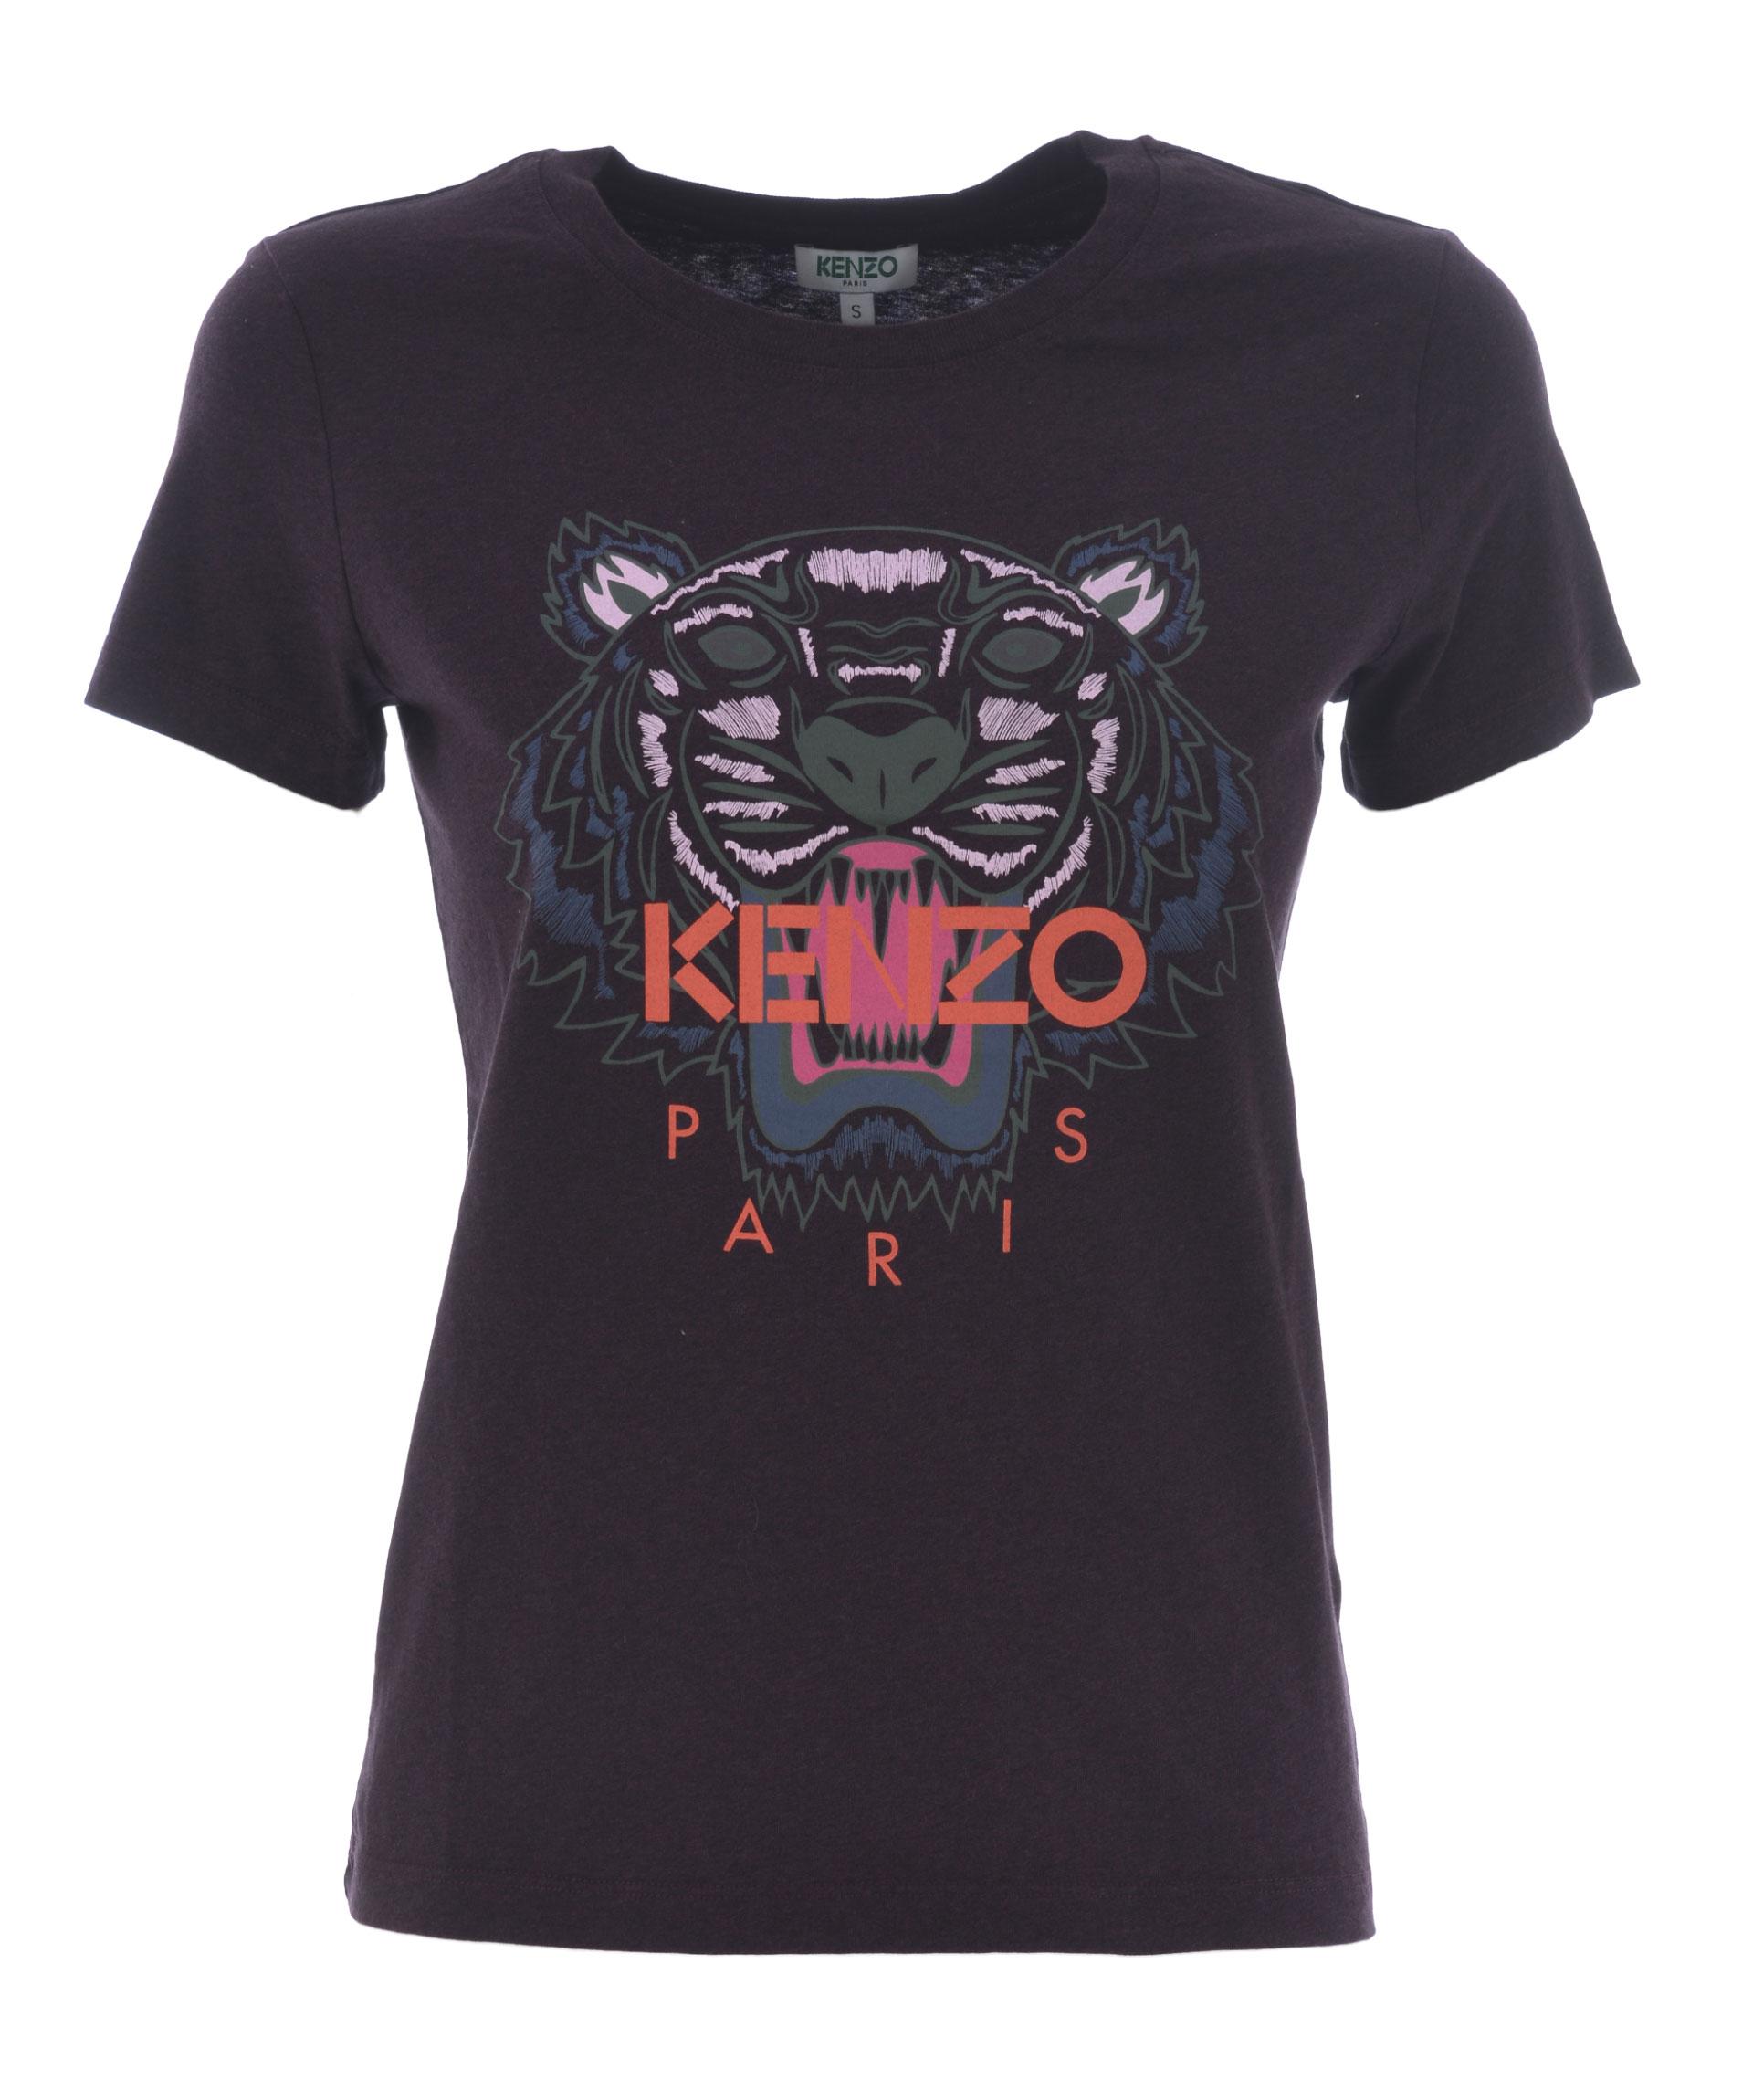 00b402b70 T-shirt Kenzo